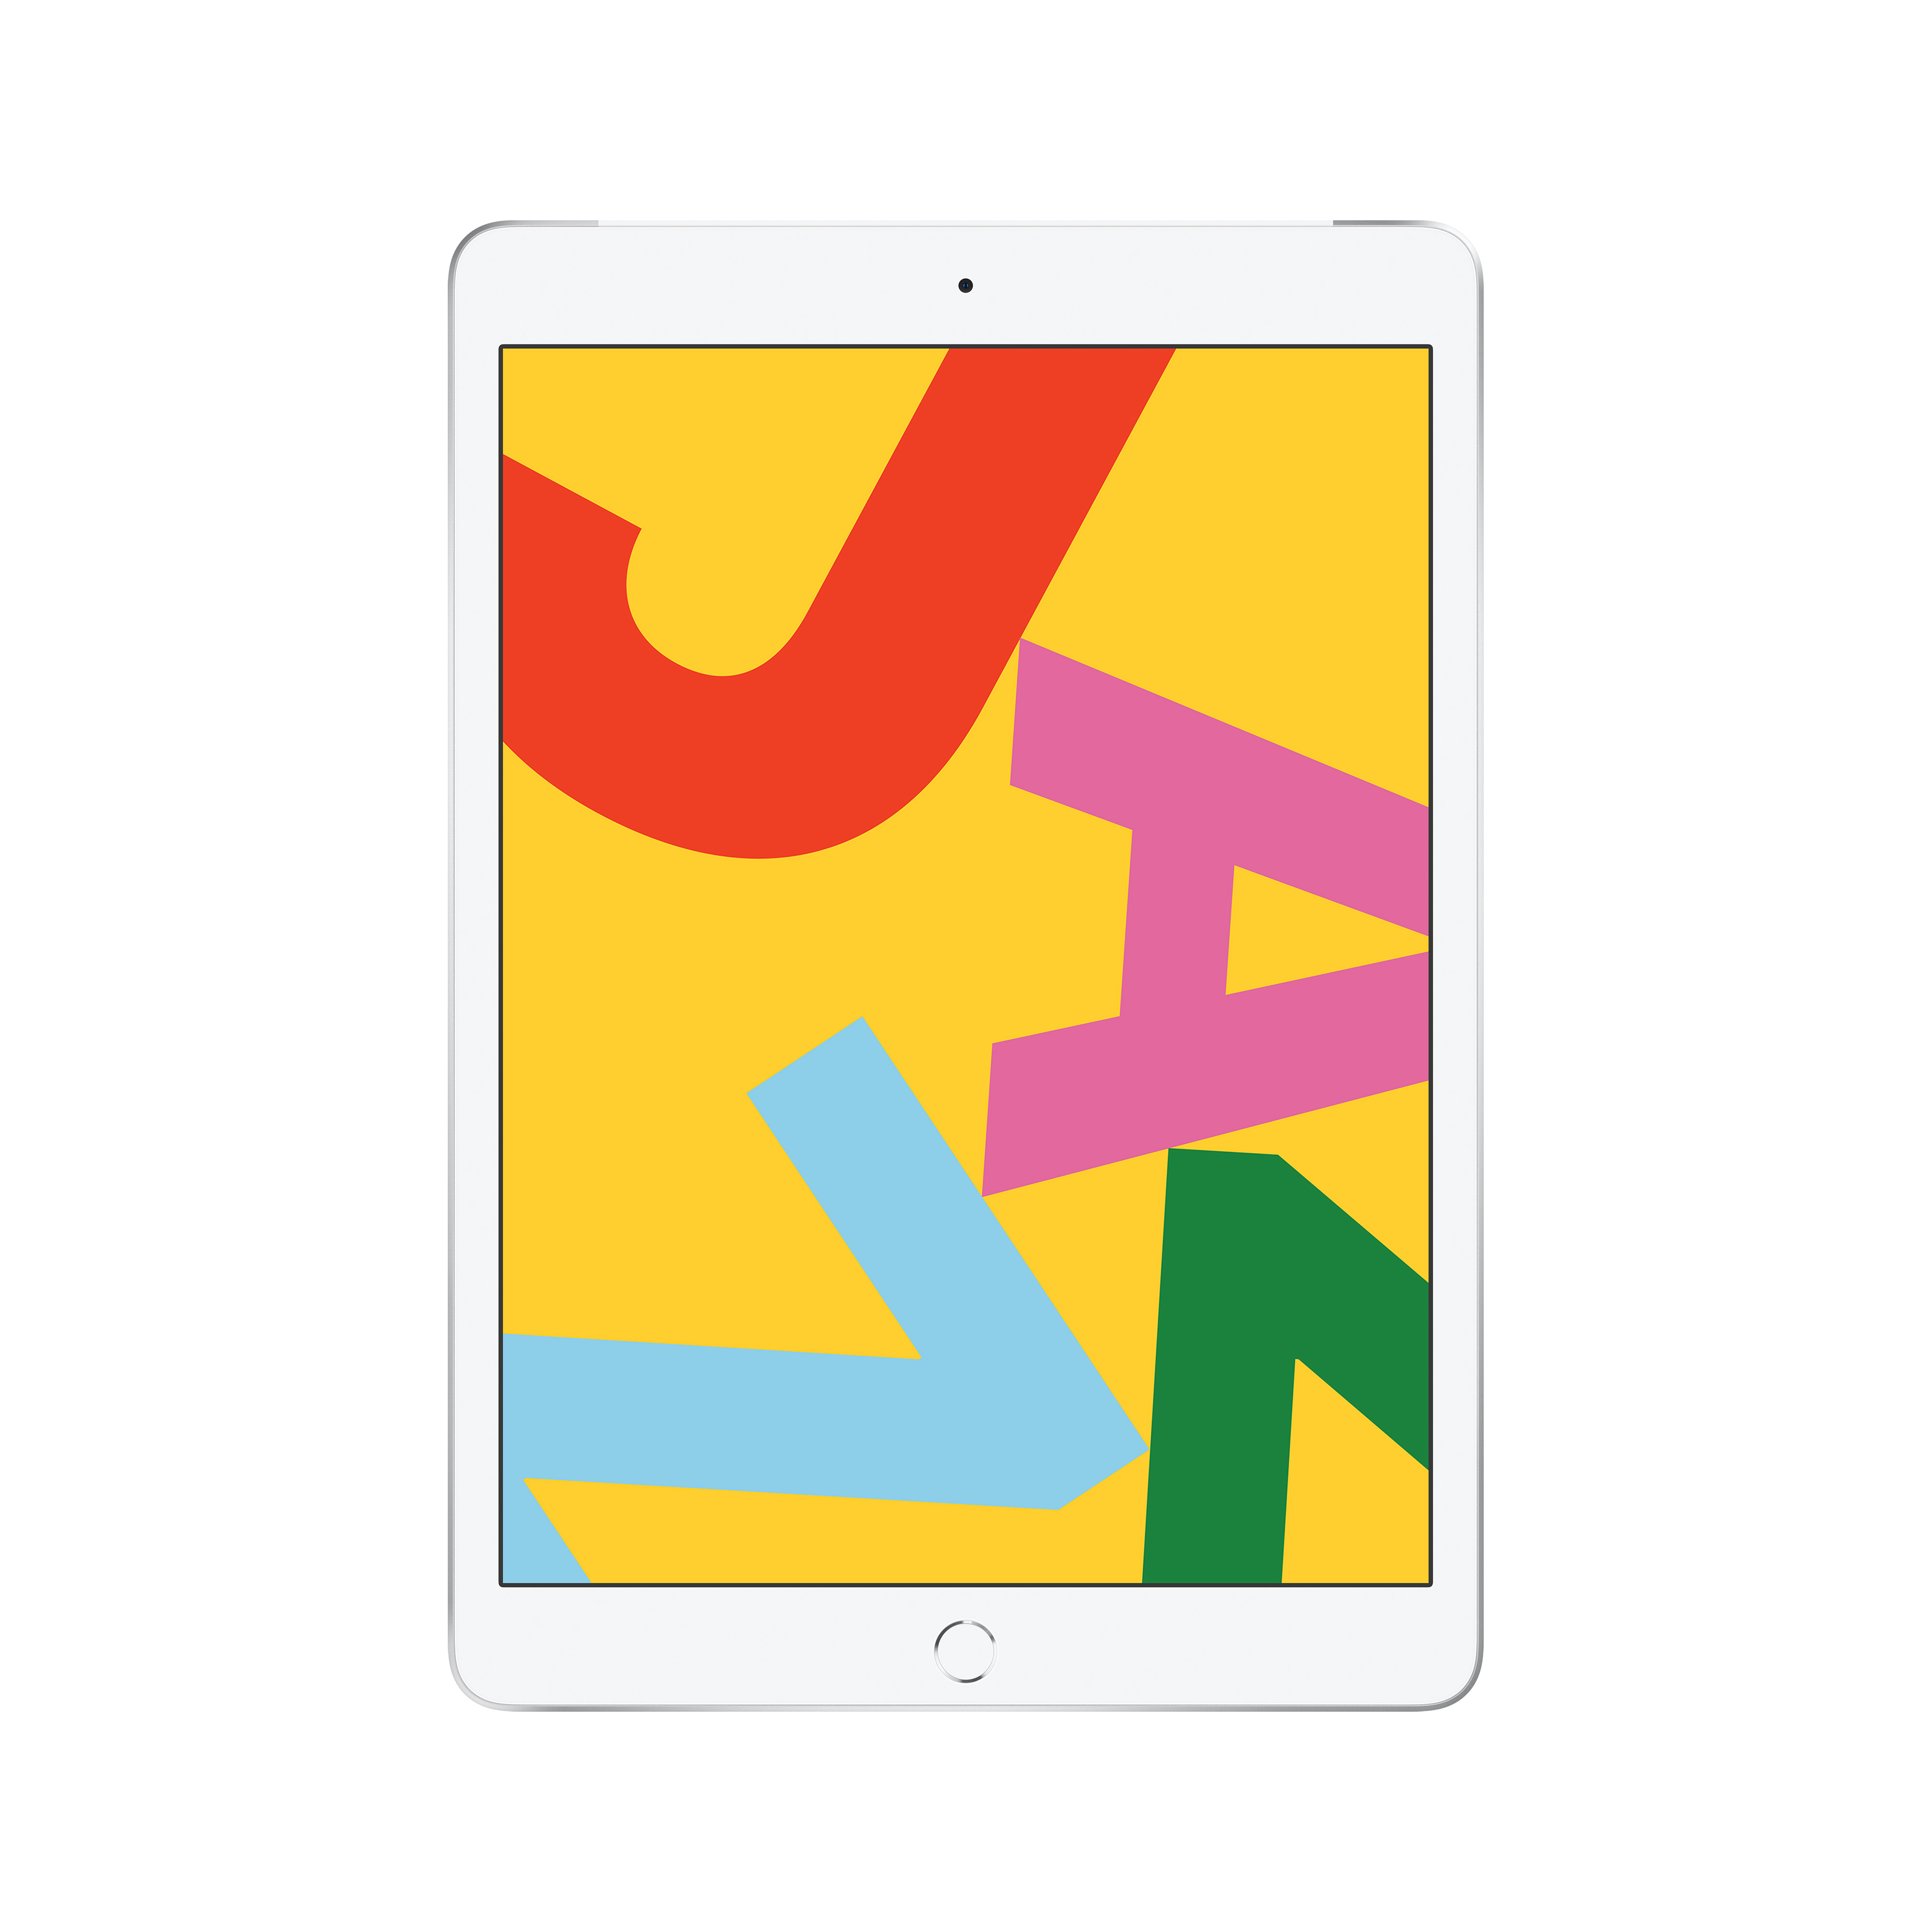 Планшет Apple iPad (2019 New) Wi-Fi + Cellular 10.2 32 GB Silver (MW6C2RU/A) фото